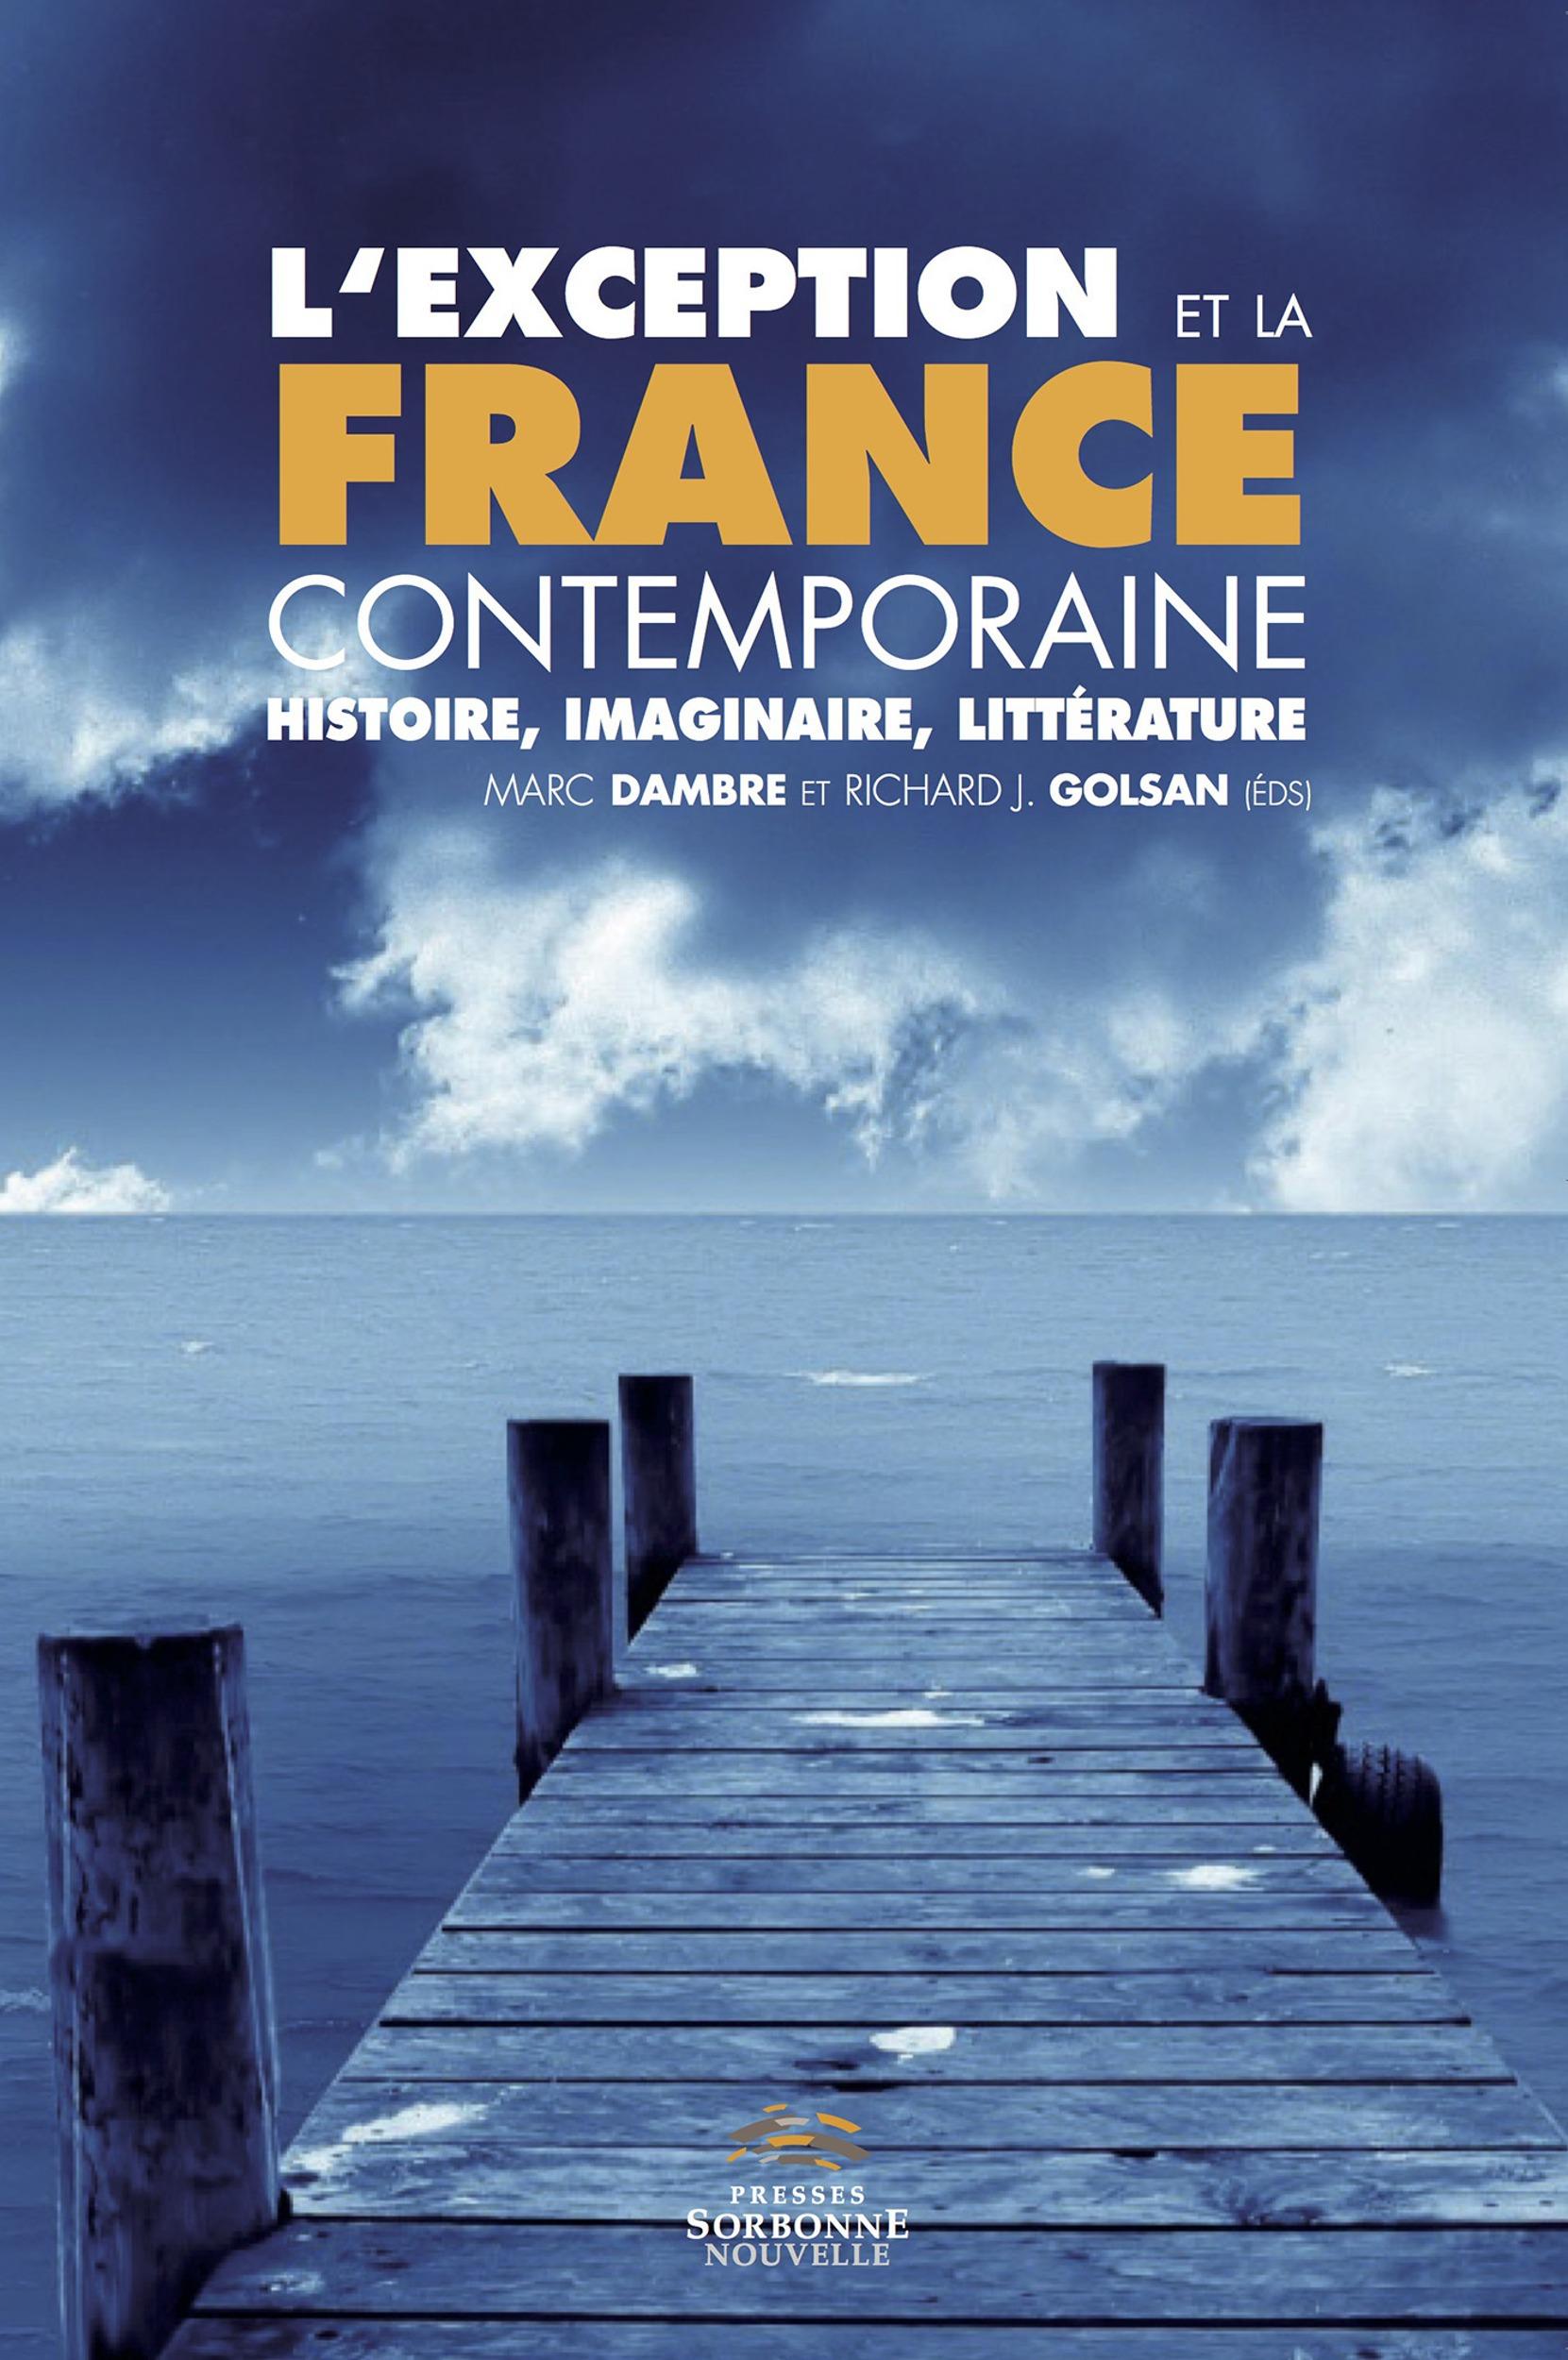 L'exception et la France contemporaine ; histoire, imaginaire, littérature